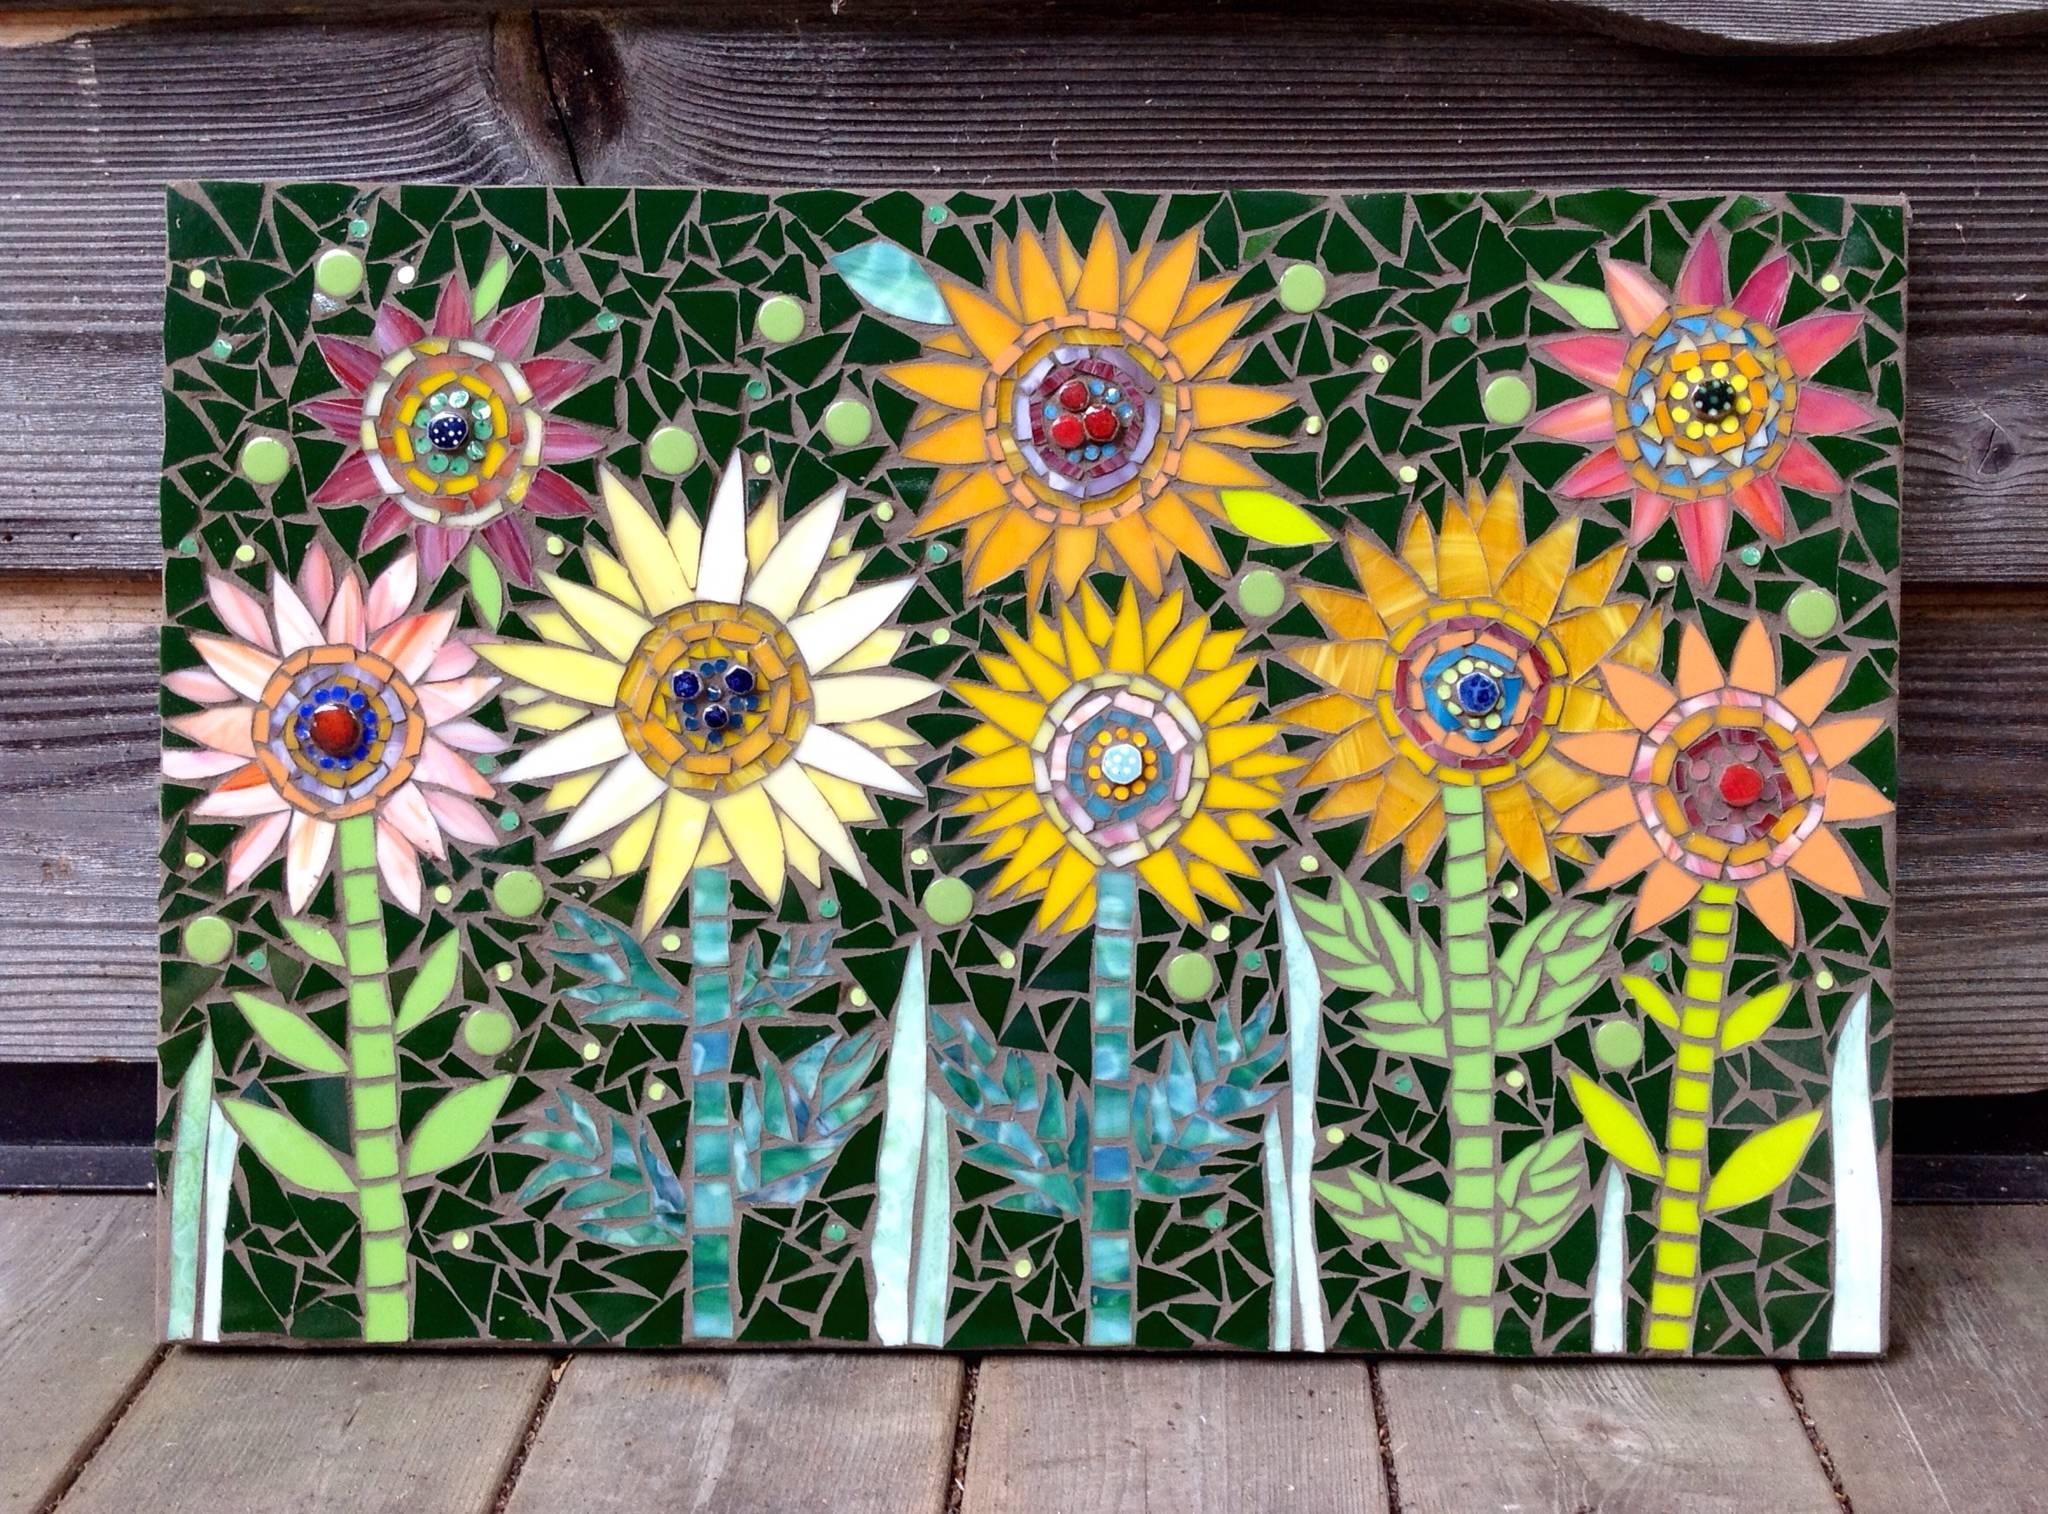 Amazing Outdoor Canvas Wall Art Uk Fiesta Sun Indoor Outdoor Wall In Recent Large Garden Wall Art (View 6 of 25)